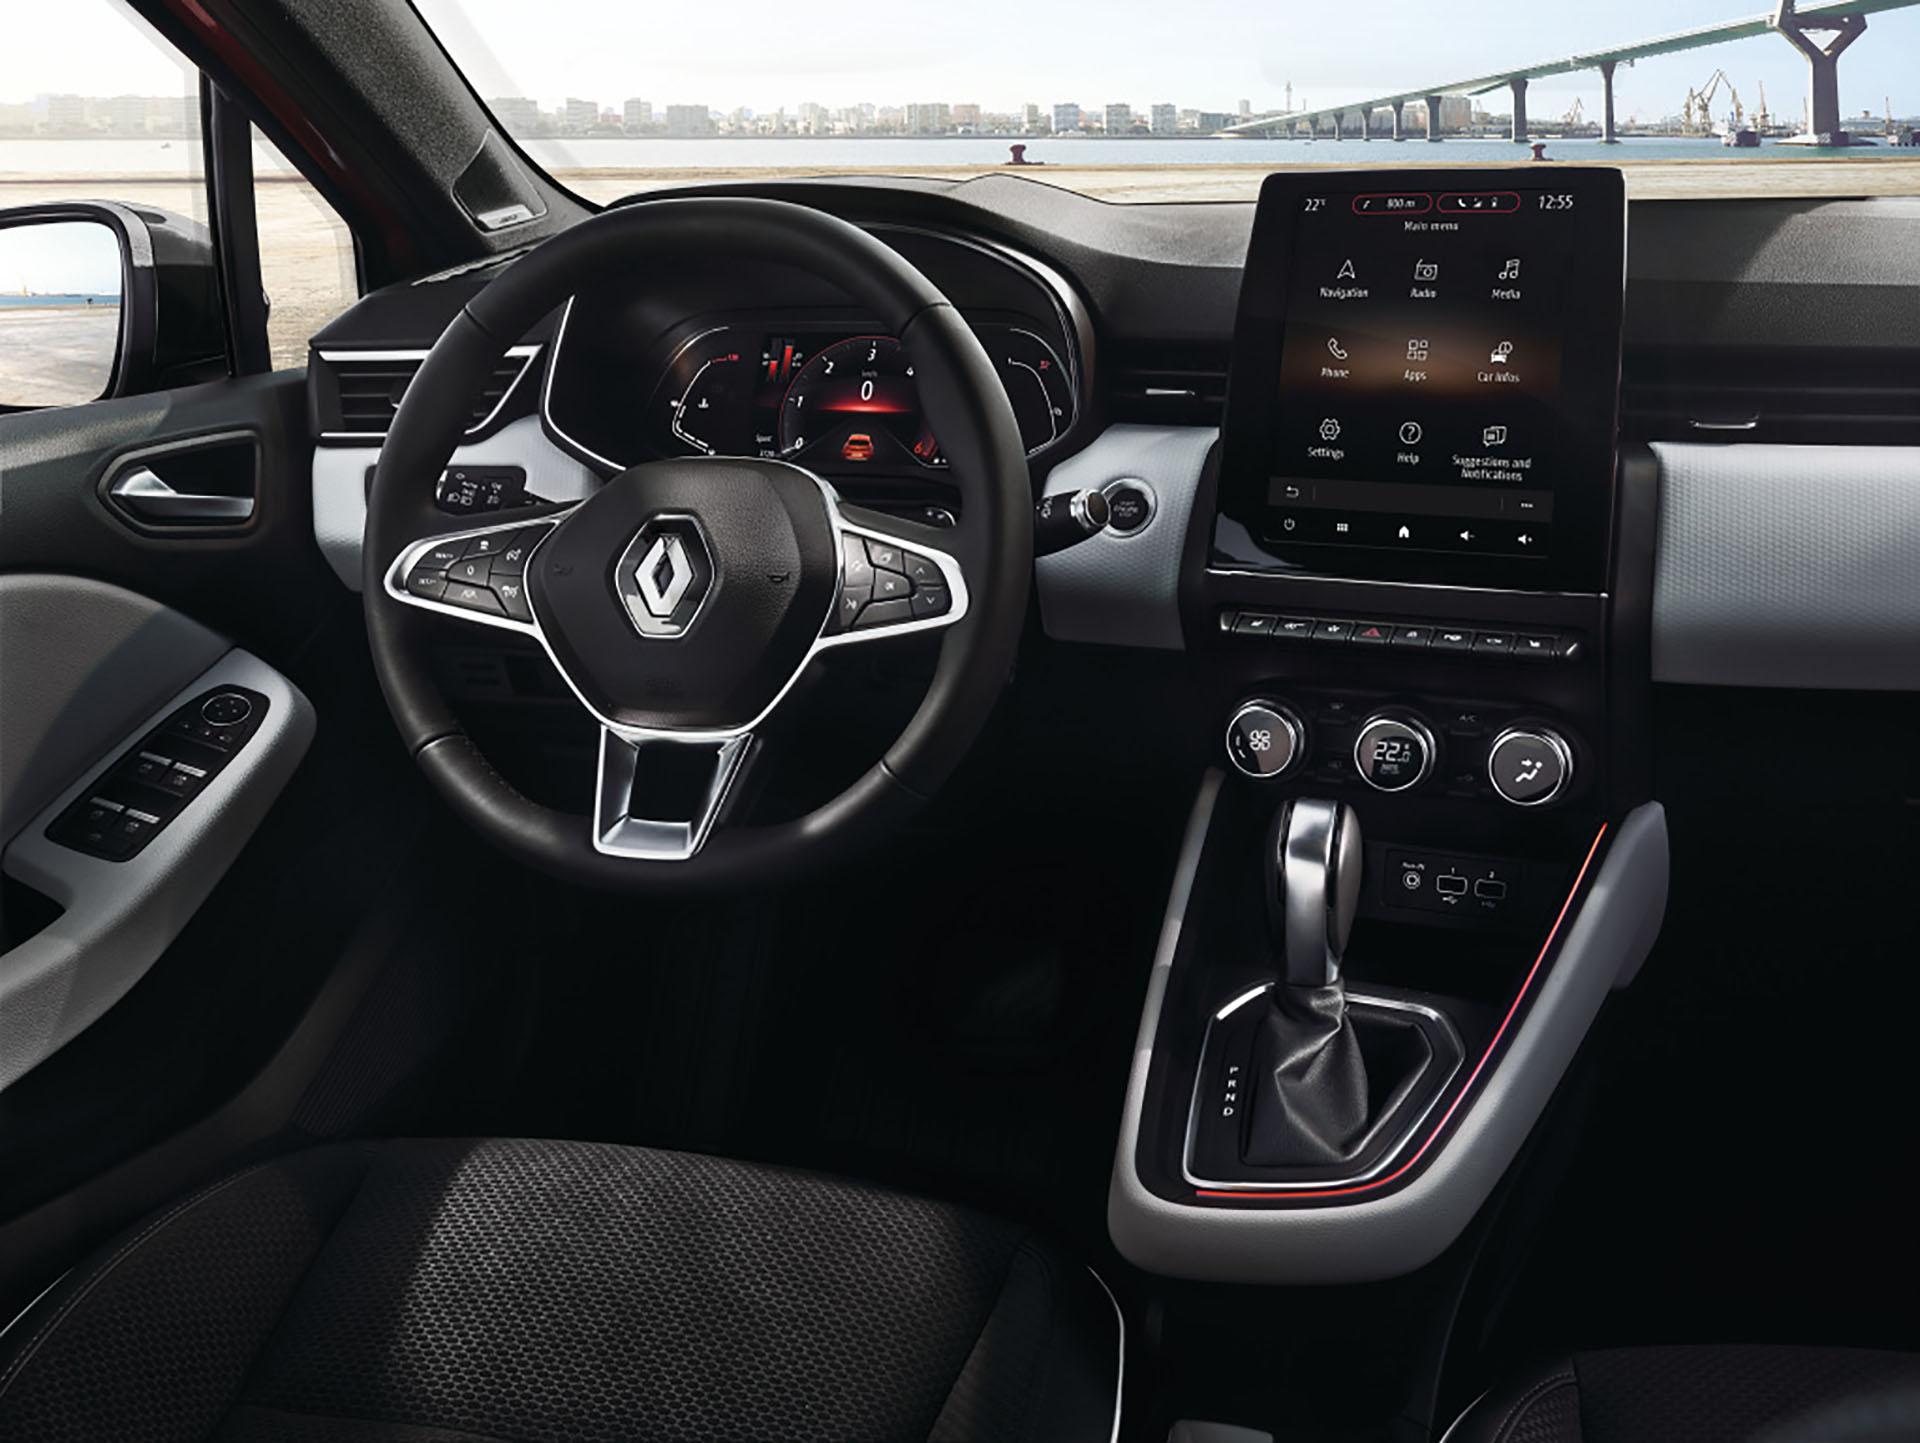 Renault Clio, el interior tuvo un cambio importante con relación a la cuarta generación.